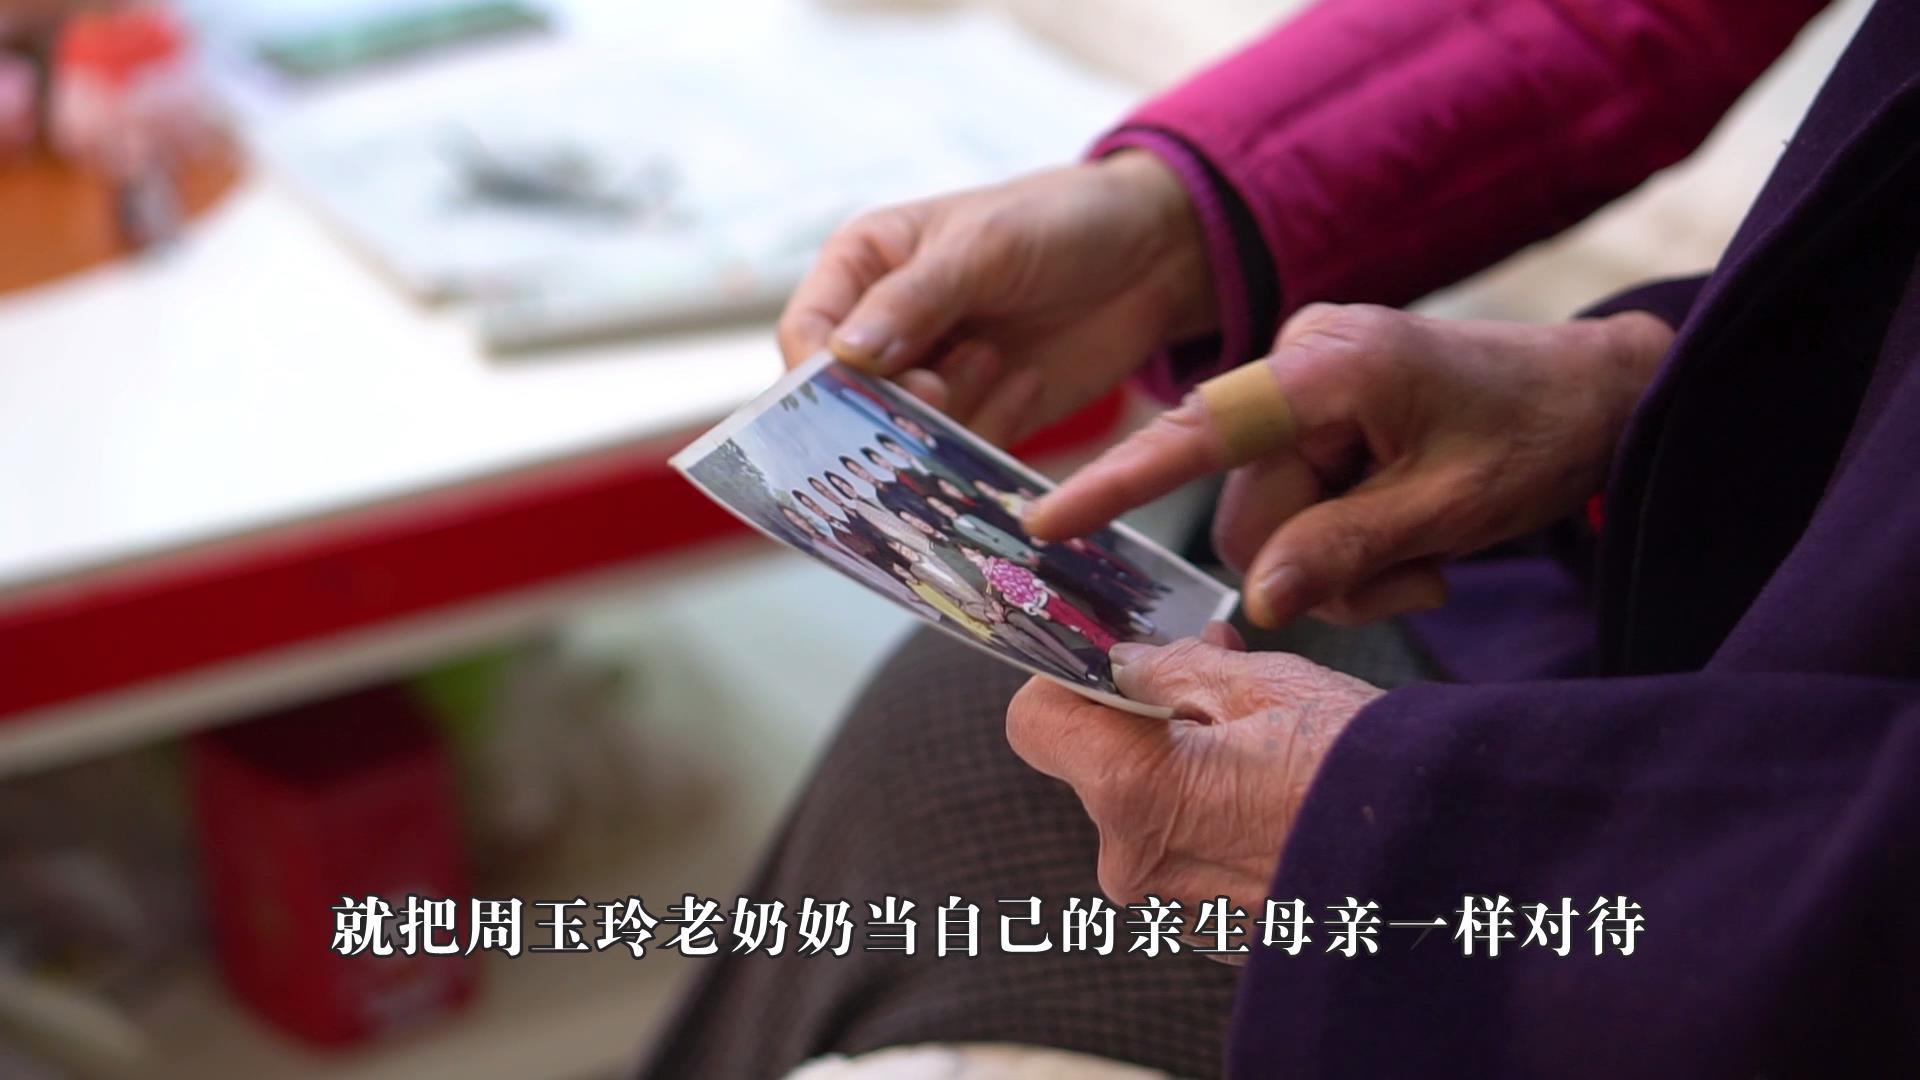 安徽省宿州市-卢湘君-2018[00_02_09][20190415-161534].jpg